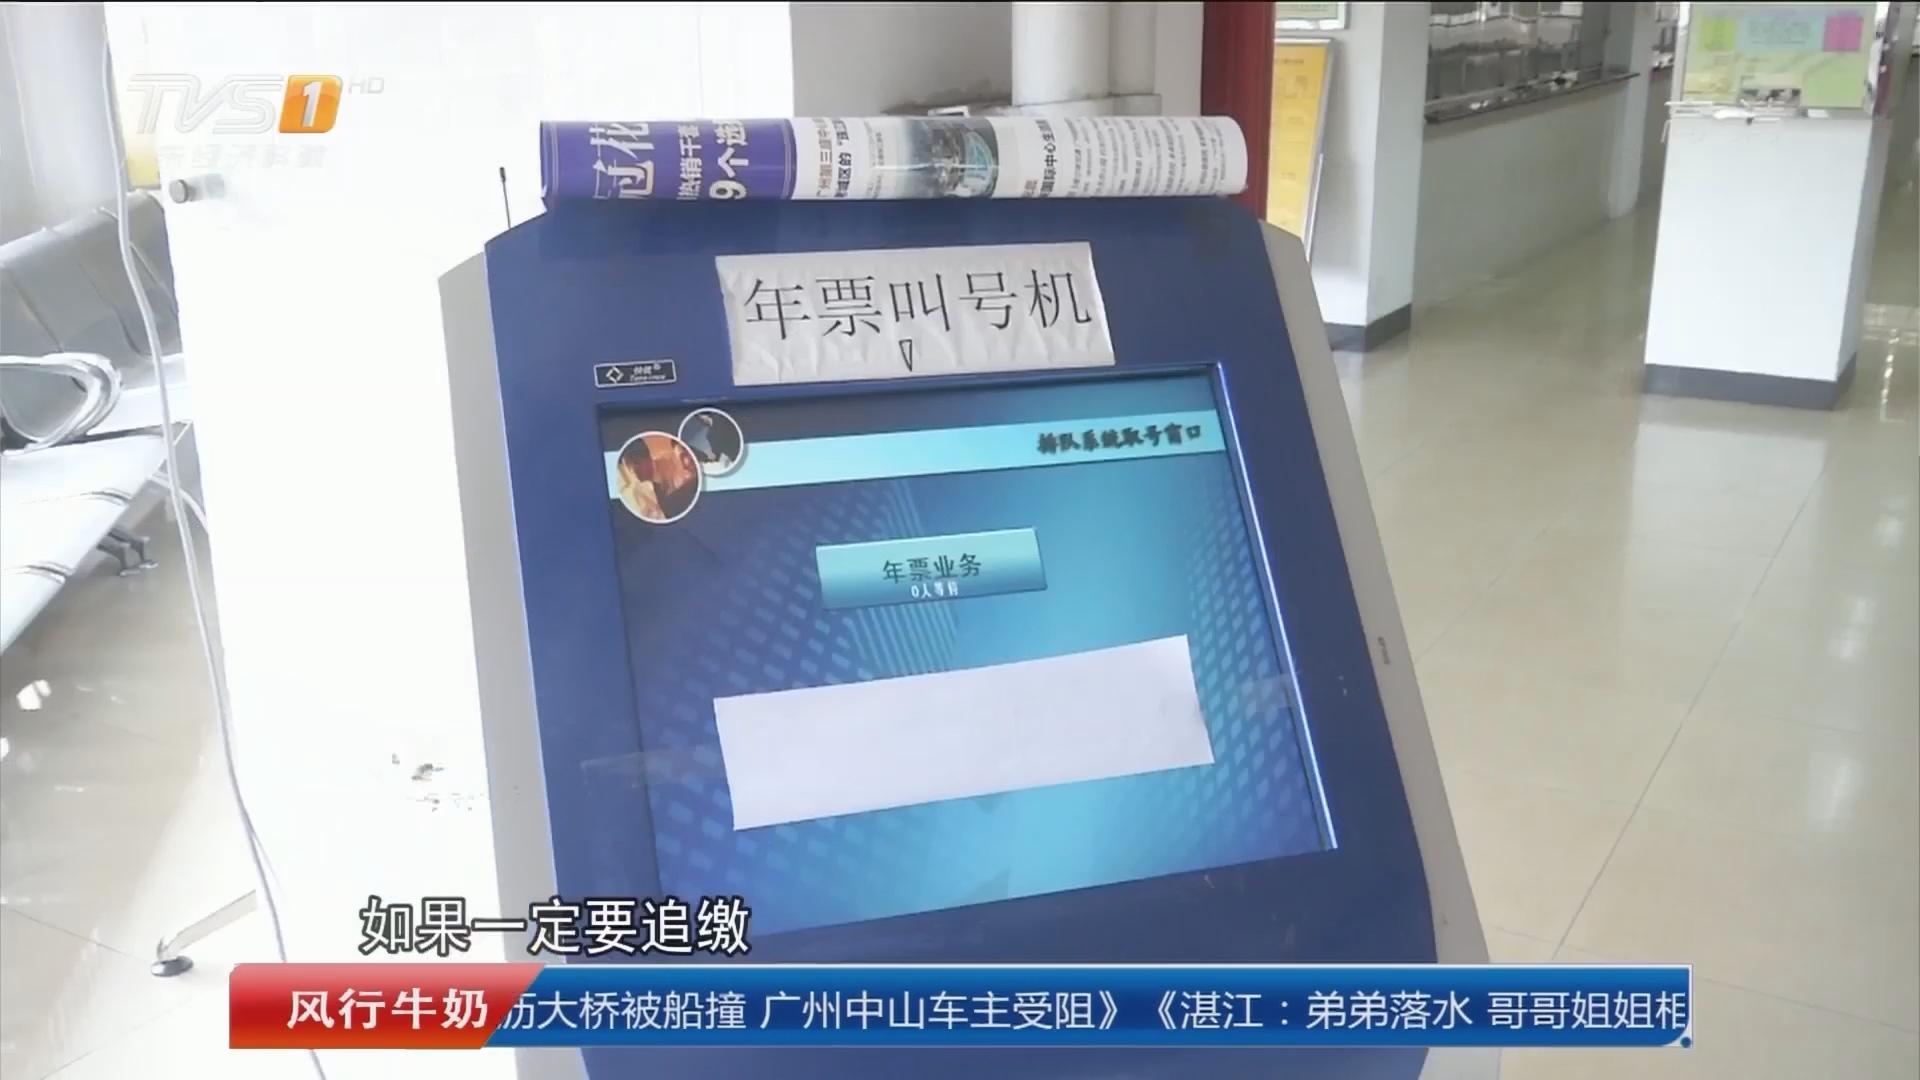 年票追缴:广州佛山等12市明确要追缴年票